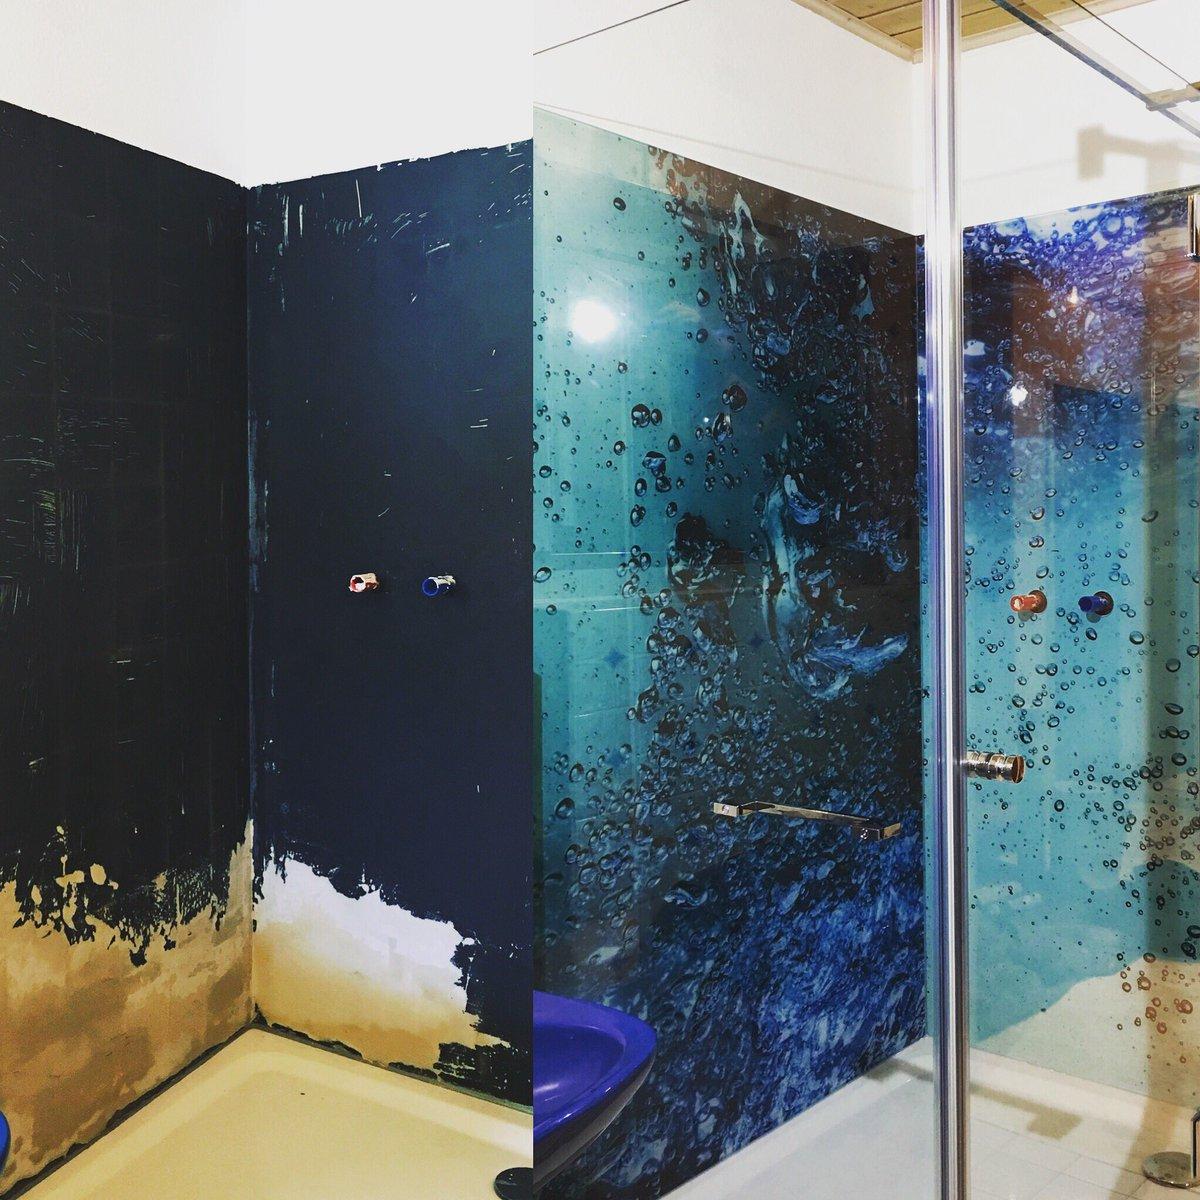 glasdusche ganzglasdusche duschabtrennung glas dusche duschen bad badezimmer wandverkleidung fugenlos glasstattfliesen nofliesenpictwittercom - Dusche Wandverkleidung Aus Glas